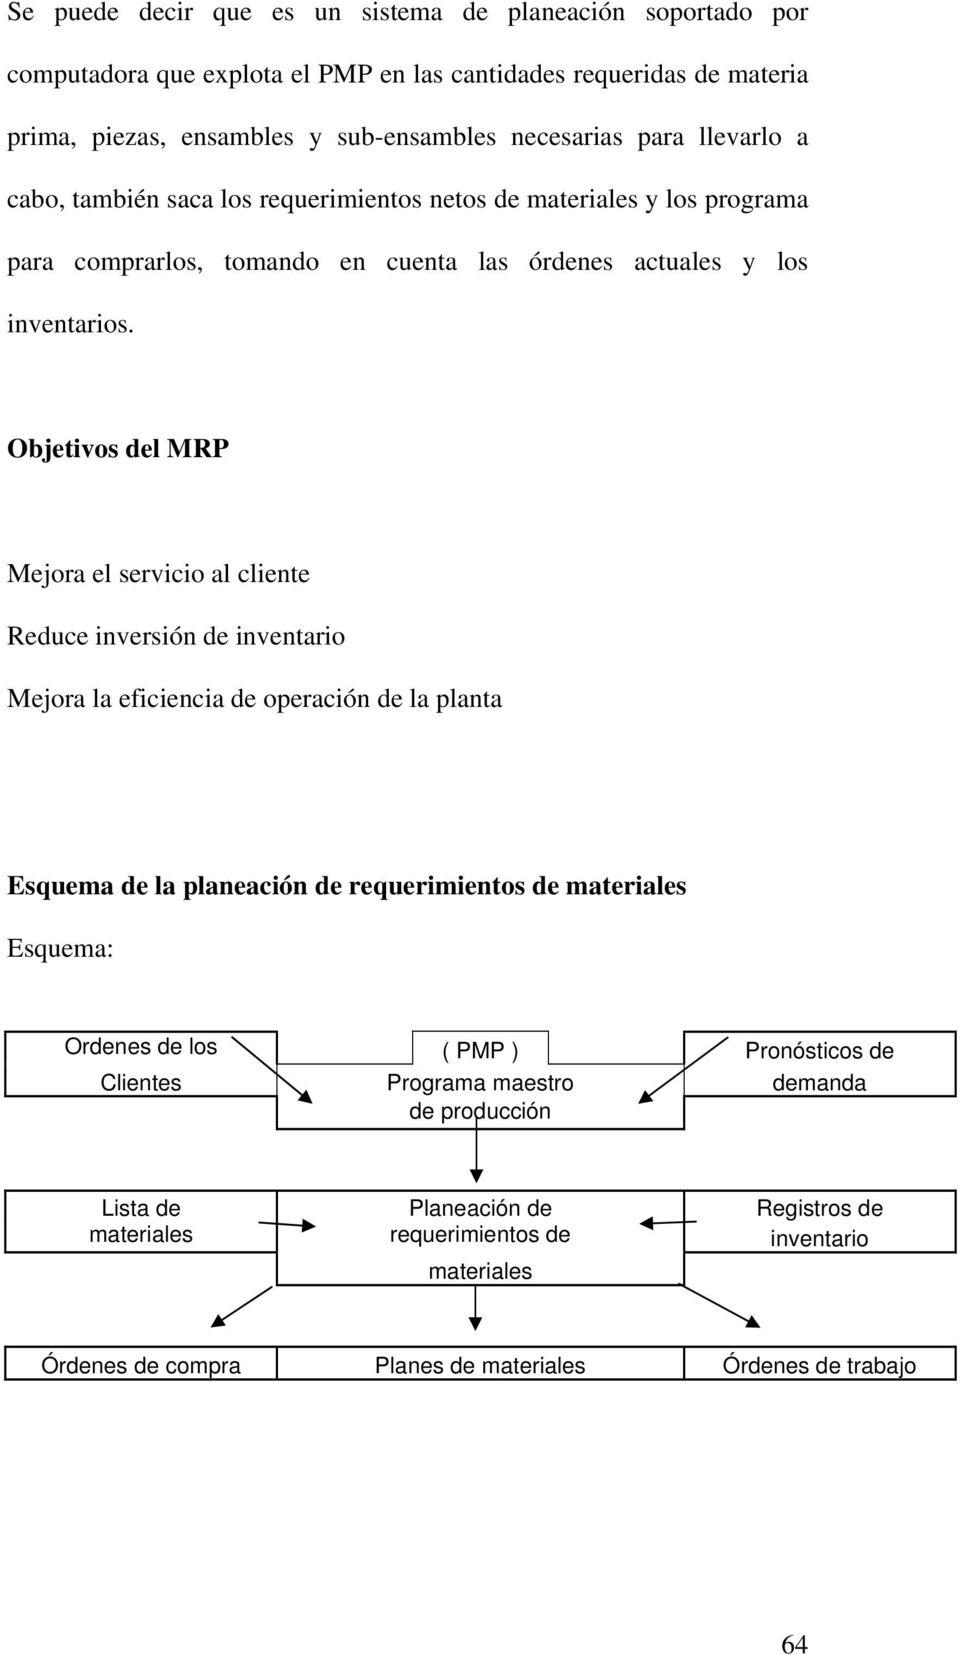 medium resolution of objetivos del mrp mejora el servicio al cliente reduce inversi n de inventario mejora la eficiencia de